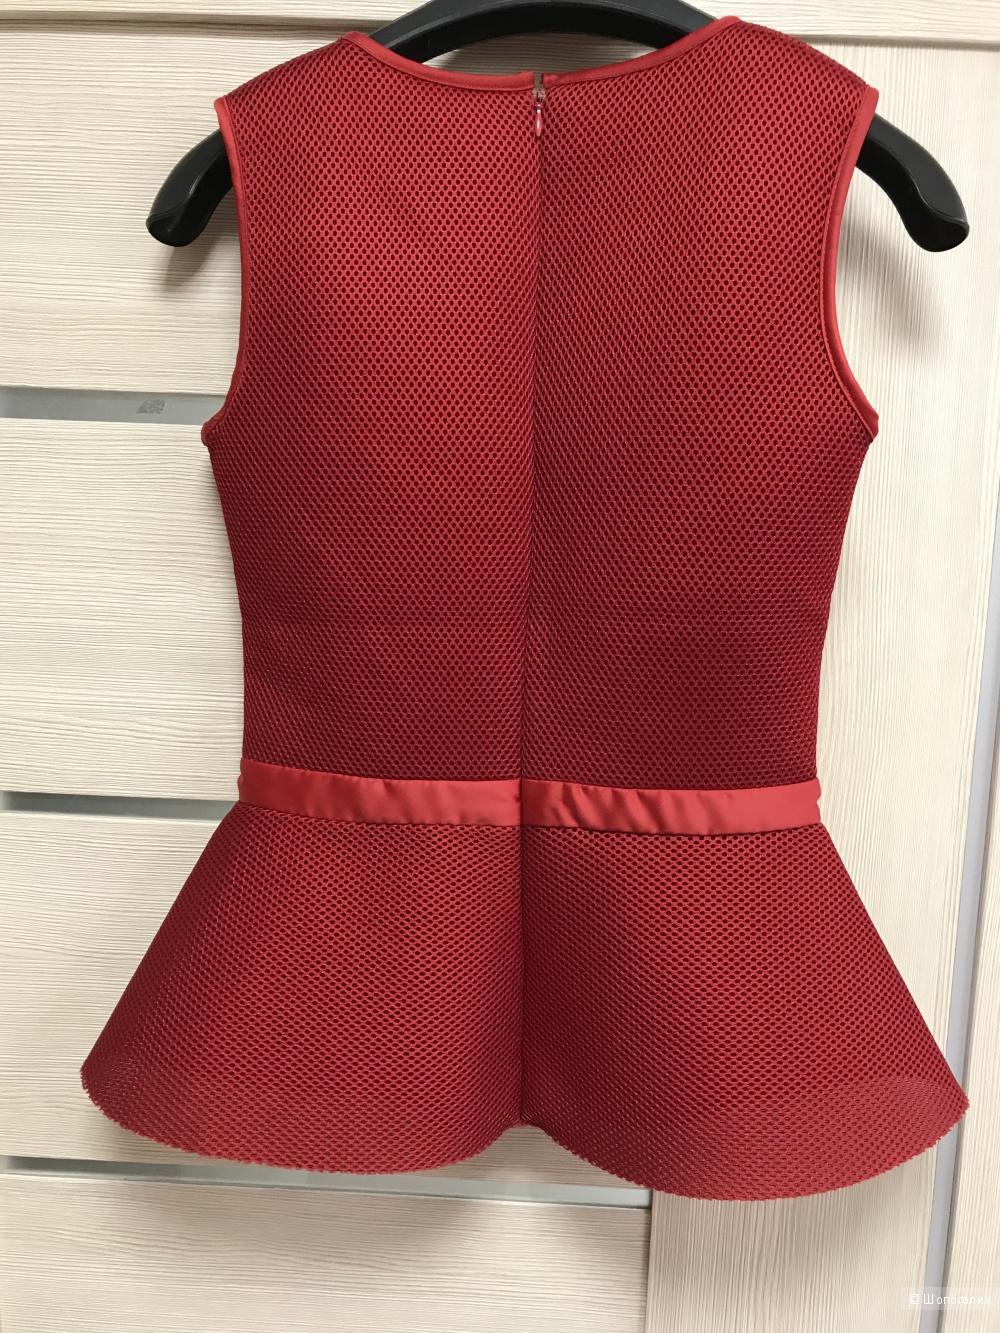 Блуза с баской Maje, размер 1, 40-42 рос